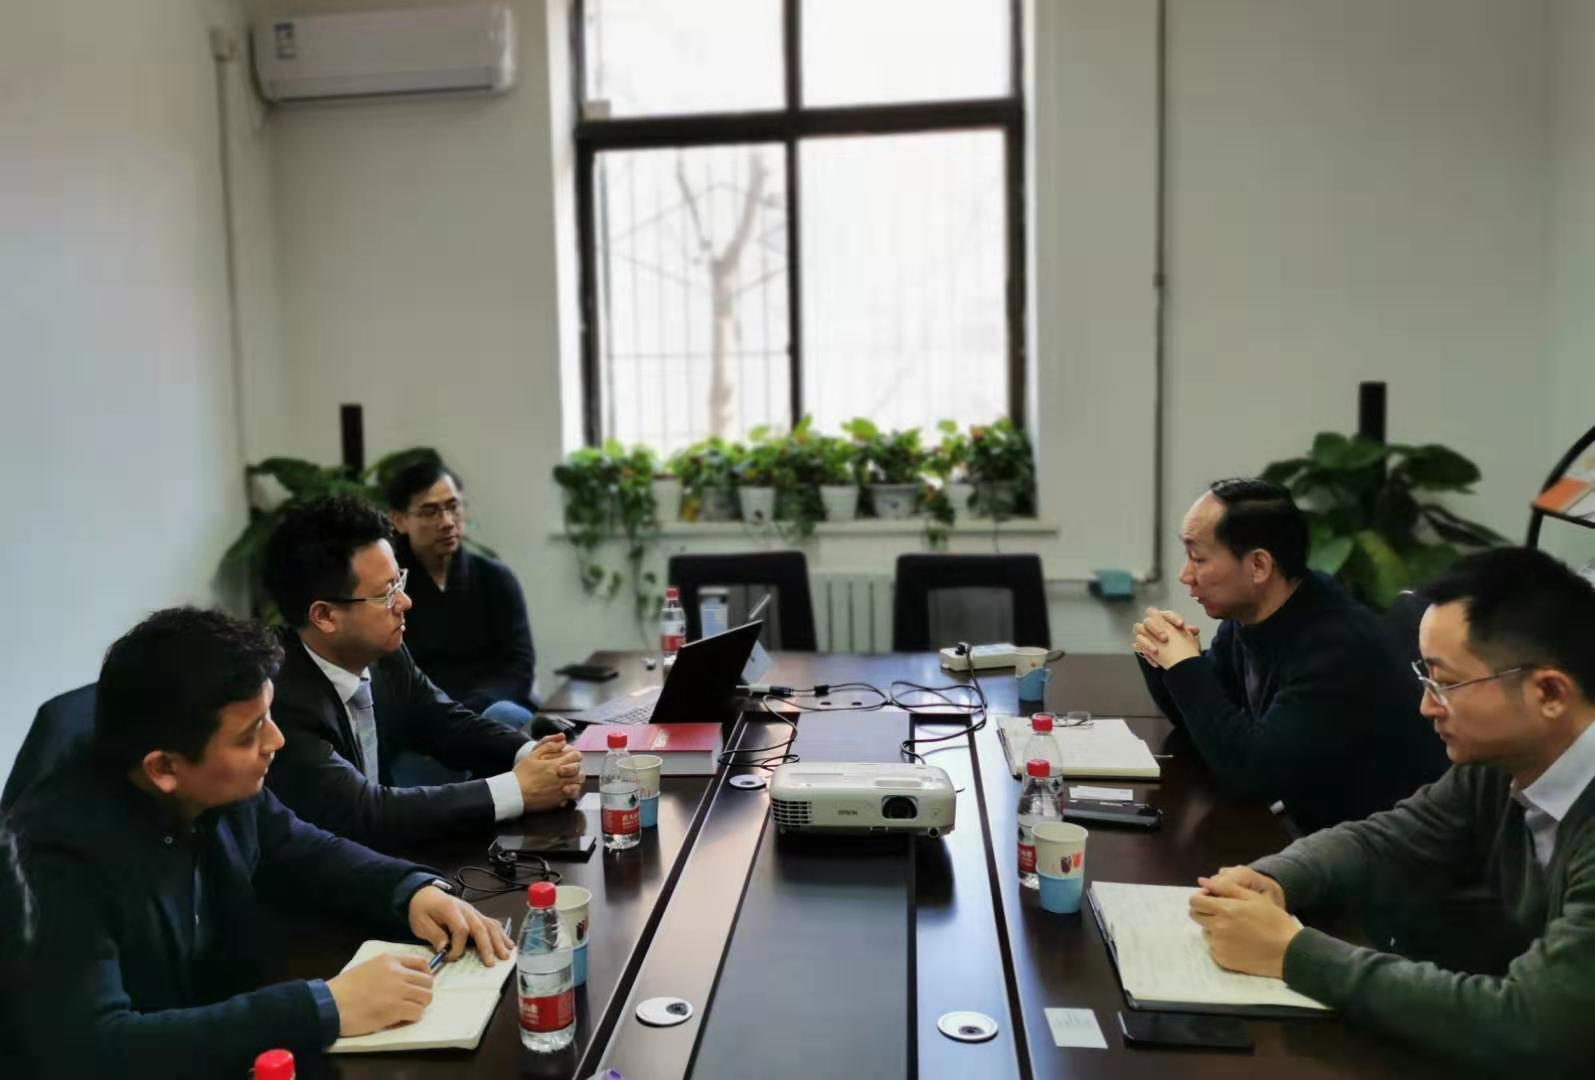 浙江正泰电器股份有限公司常务副总裁郭嵋俊一行到访电促会